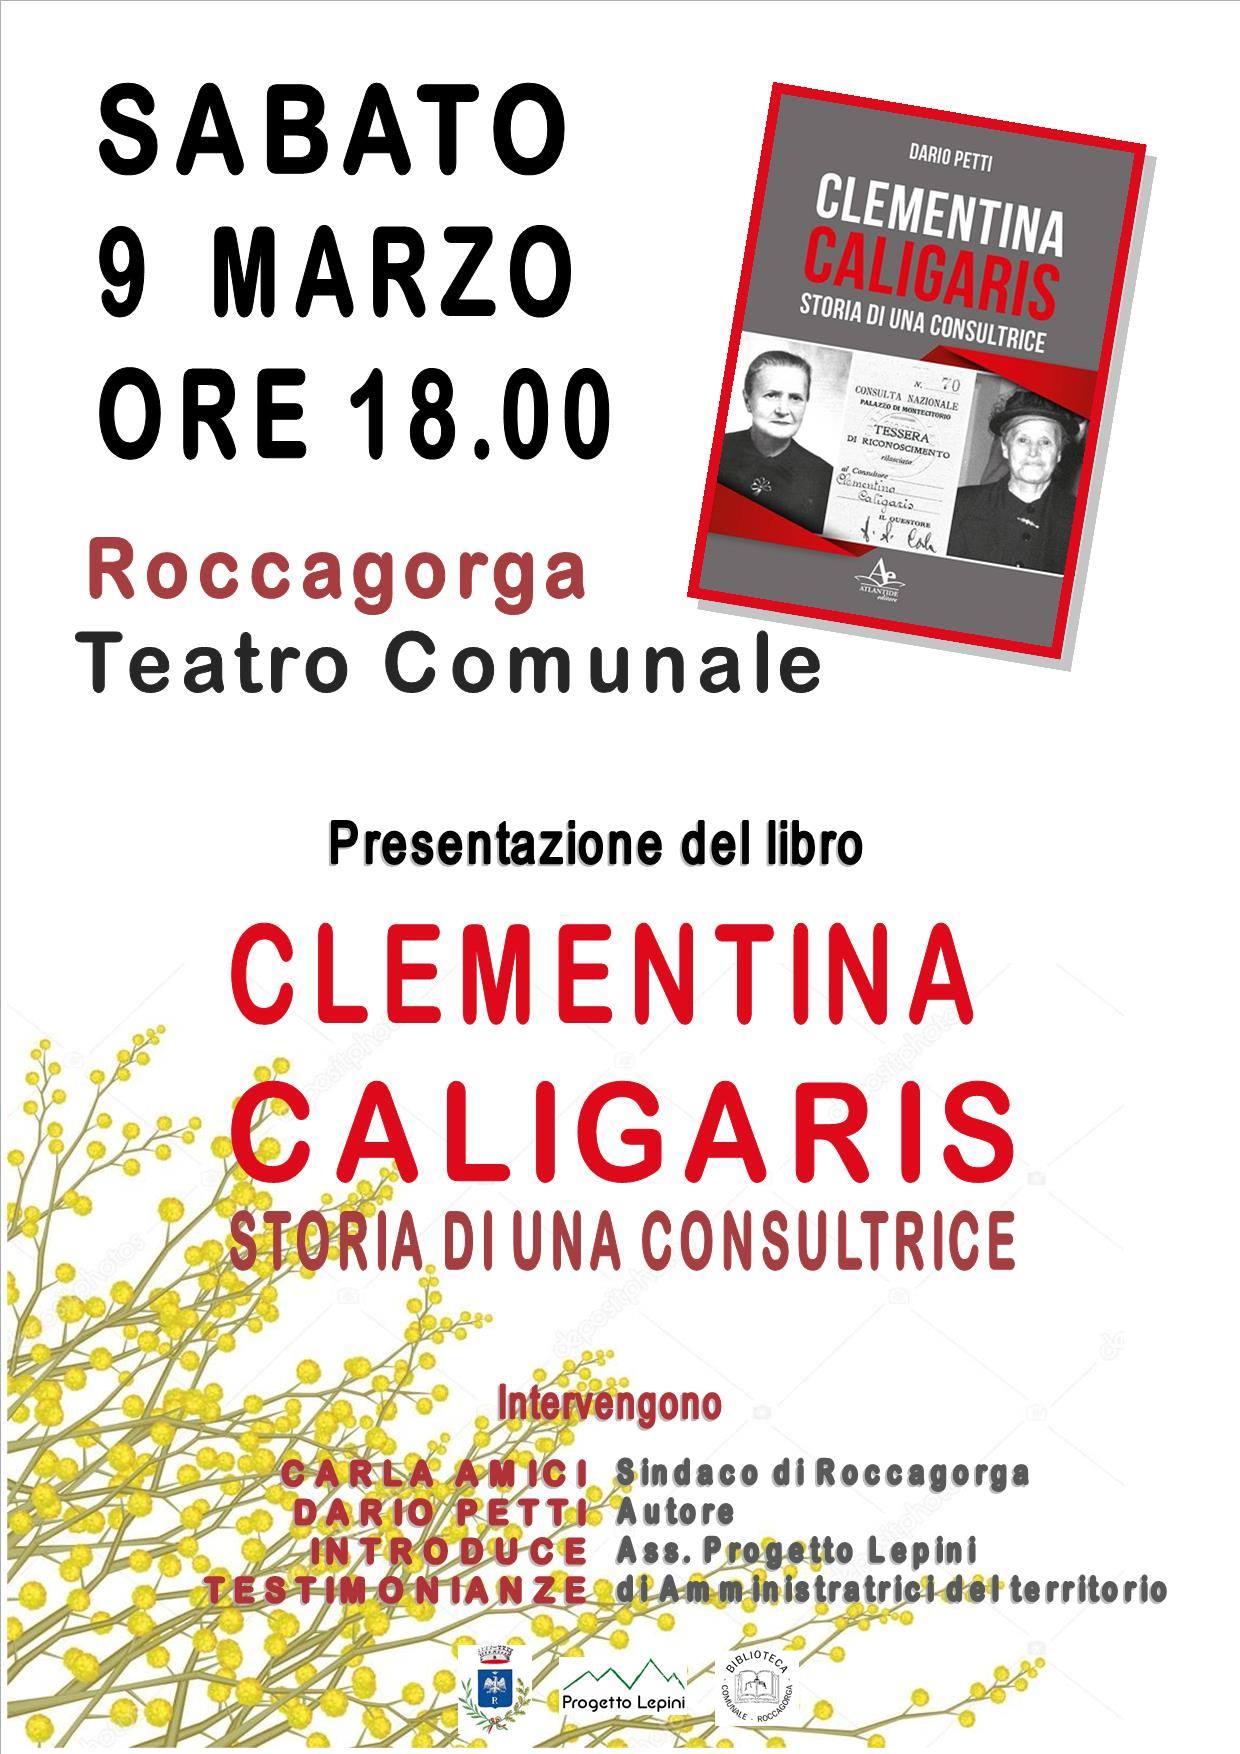 Roccagorga: Clementina Caligaris. Storia di una consultrice @ Teatro Comunale | Roccagorga | Lazio | Italia